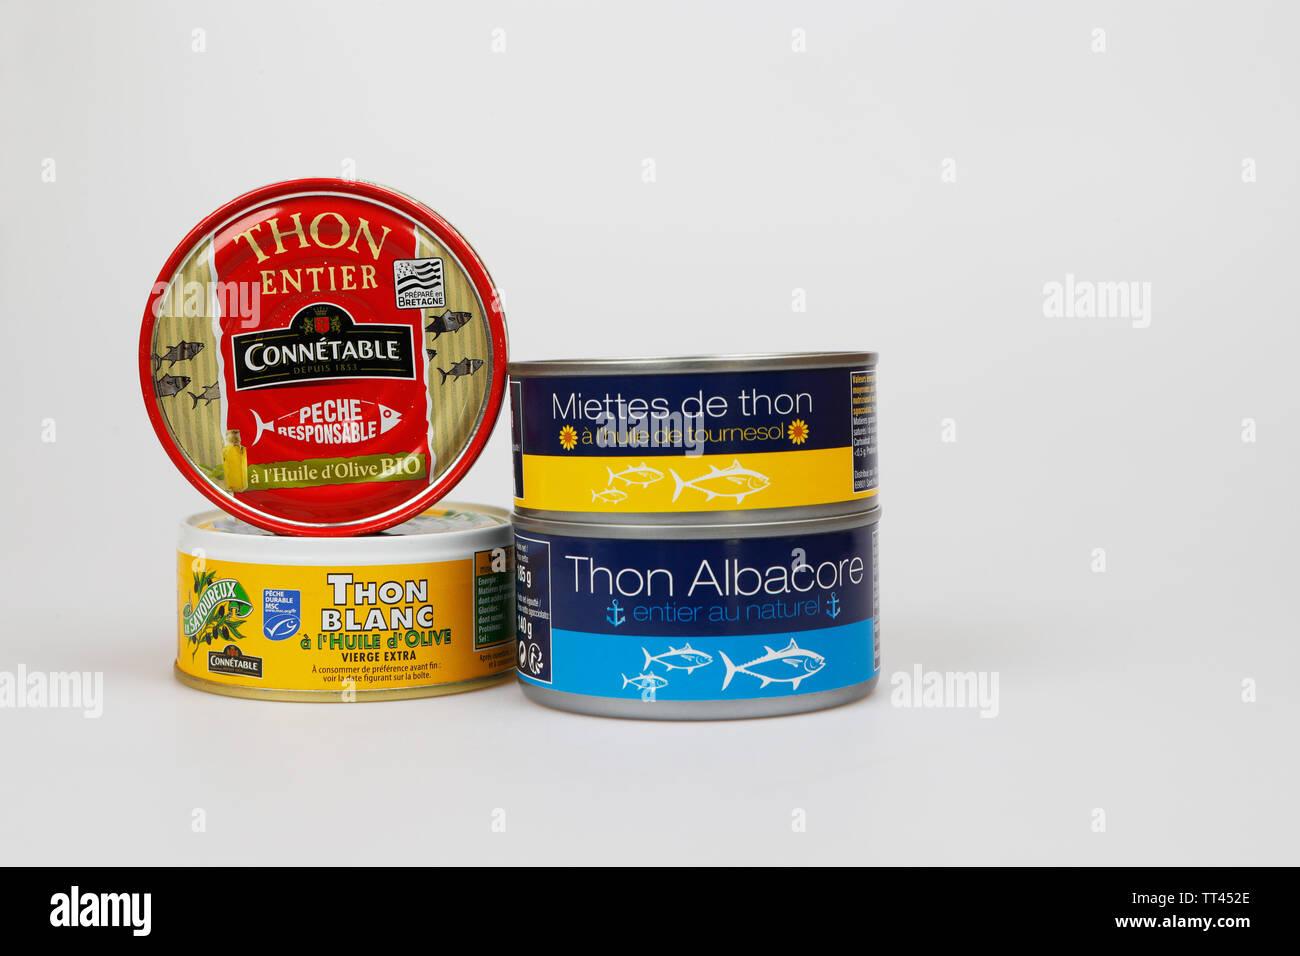 Le thon en conserve. Isolé sur blanc, produit éditorial d'illustration photo. Photo Stock